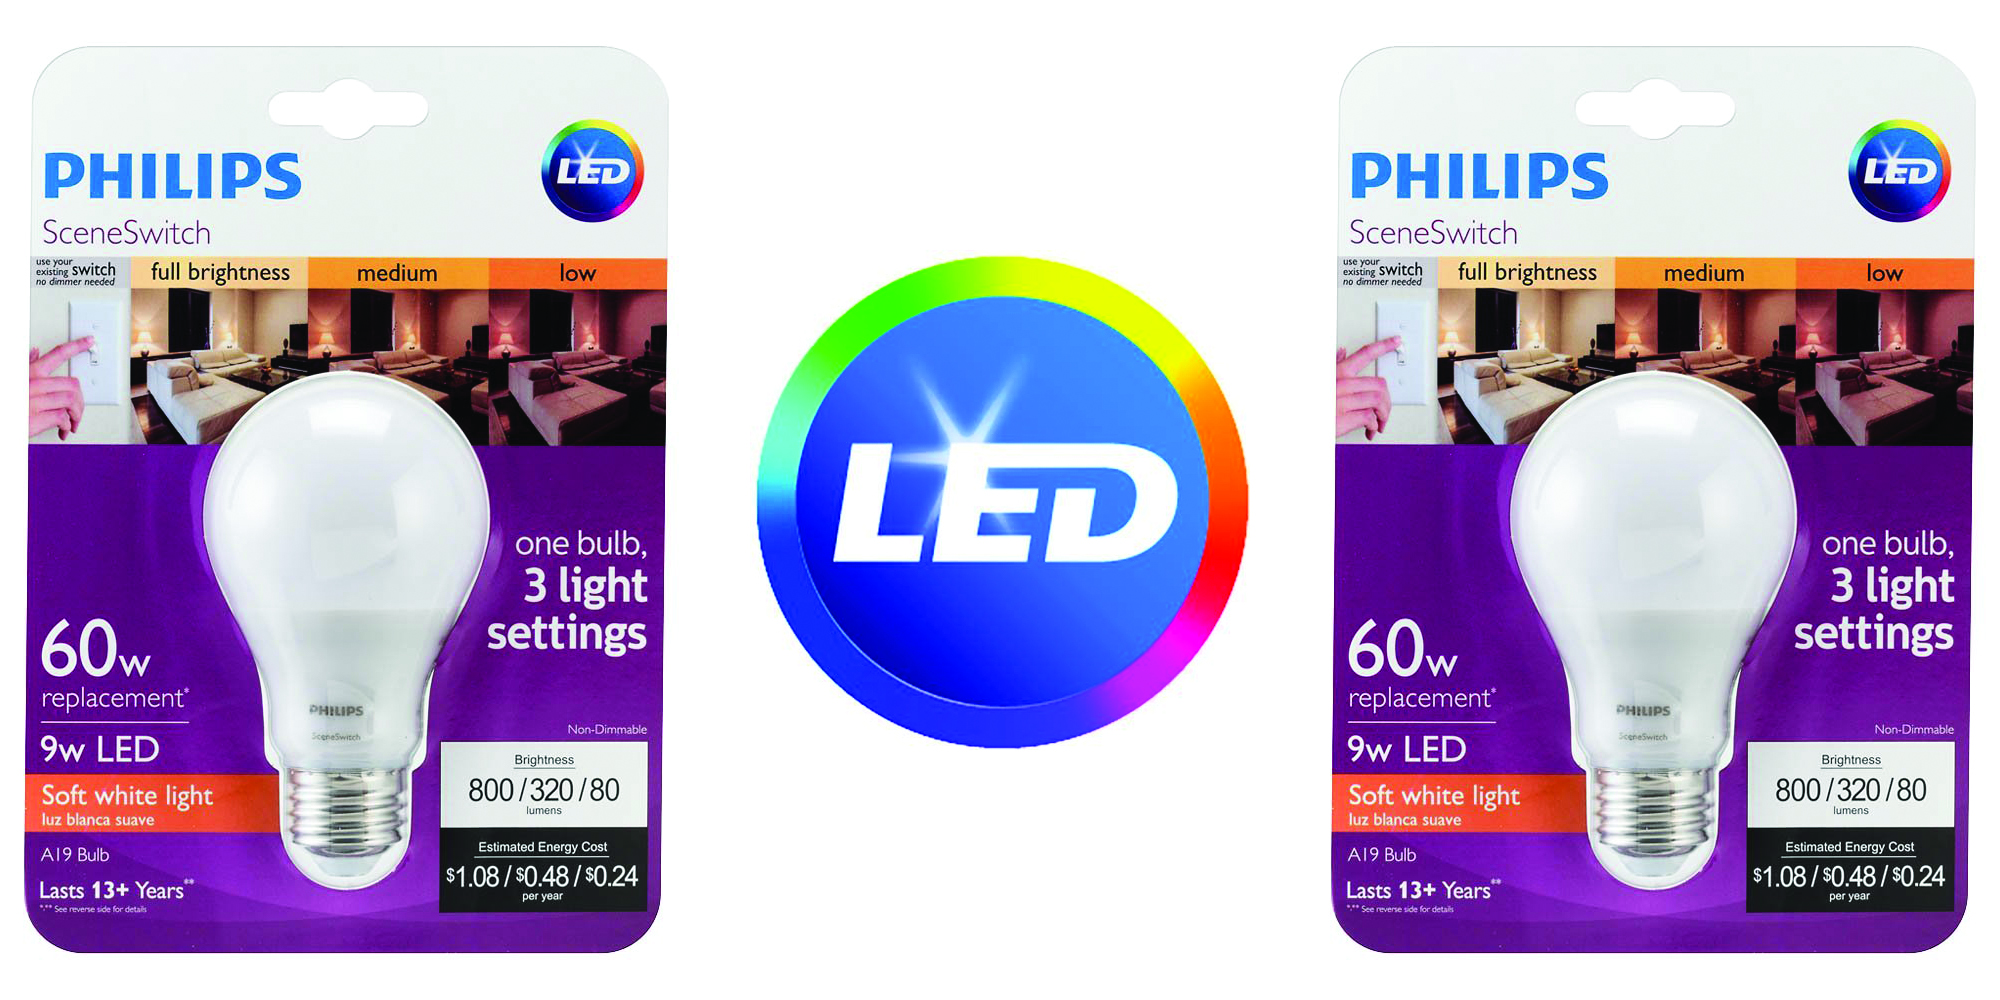 Green Deals 4-pack Philips SceneSwitch LED Lights Bulbs $18 (Reg. $27) more  sc 1 st  Electrek & Green Deals: 4-pack Philips SceneSwitch LED Lights Bulbs $18 (Reg ...